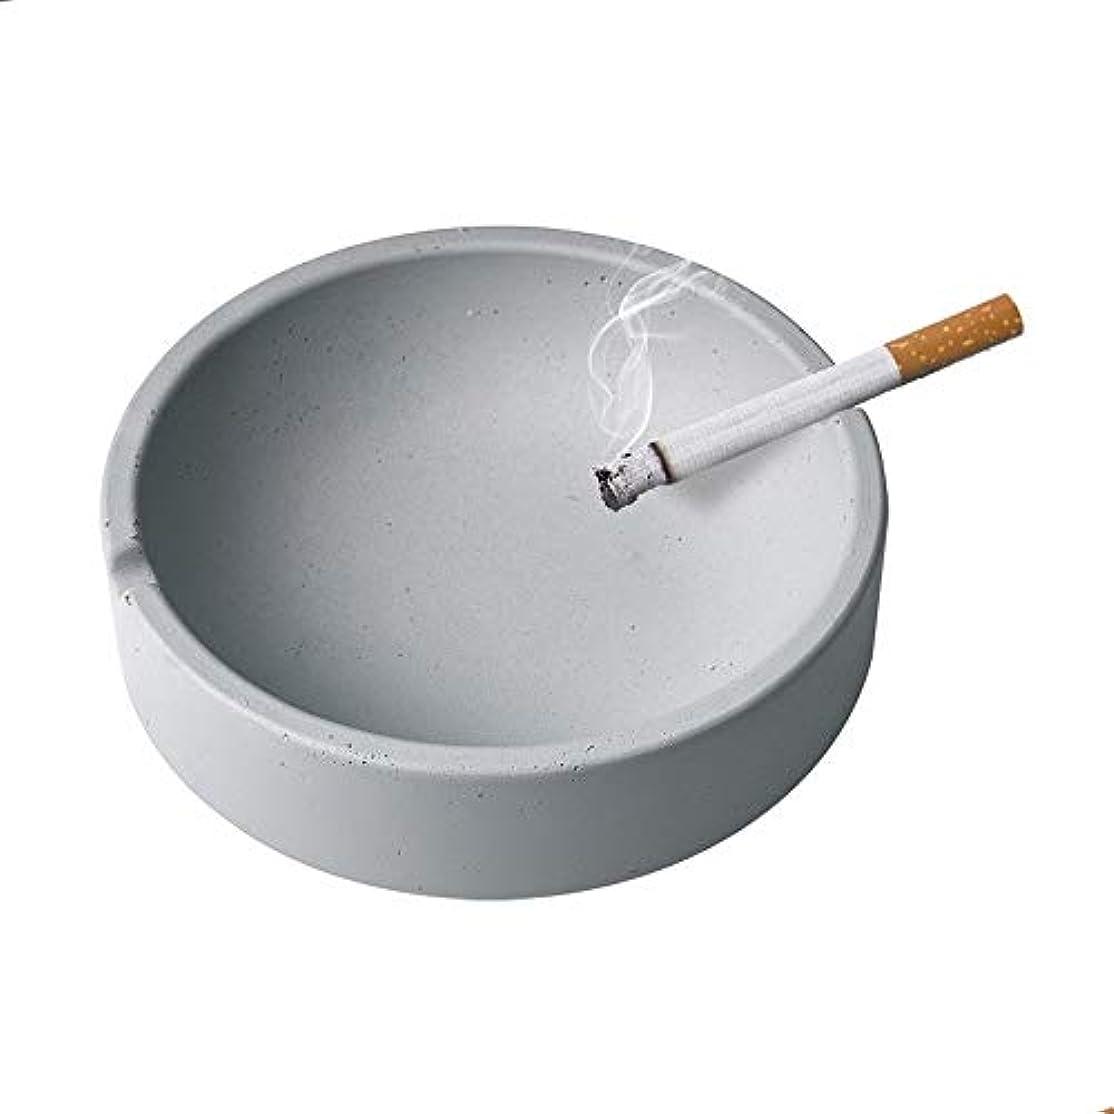 メニュー任命するクランプ屋内または屋外での使用のためのタバコの灰皿、喫煙者のための灰ホルダー、ホームオフィスの装飾のためのデスクトップの喫煙灰皿